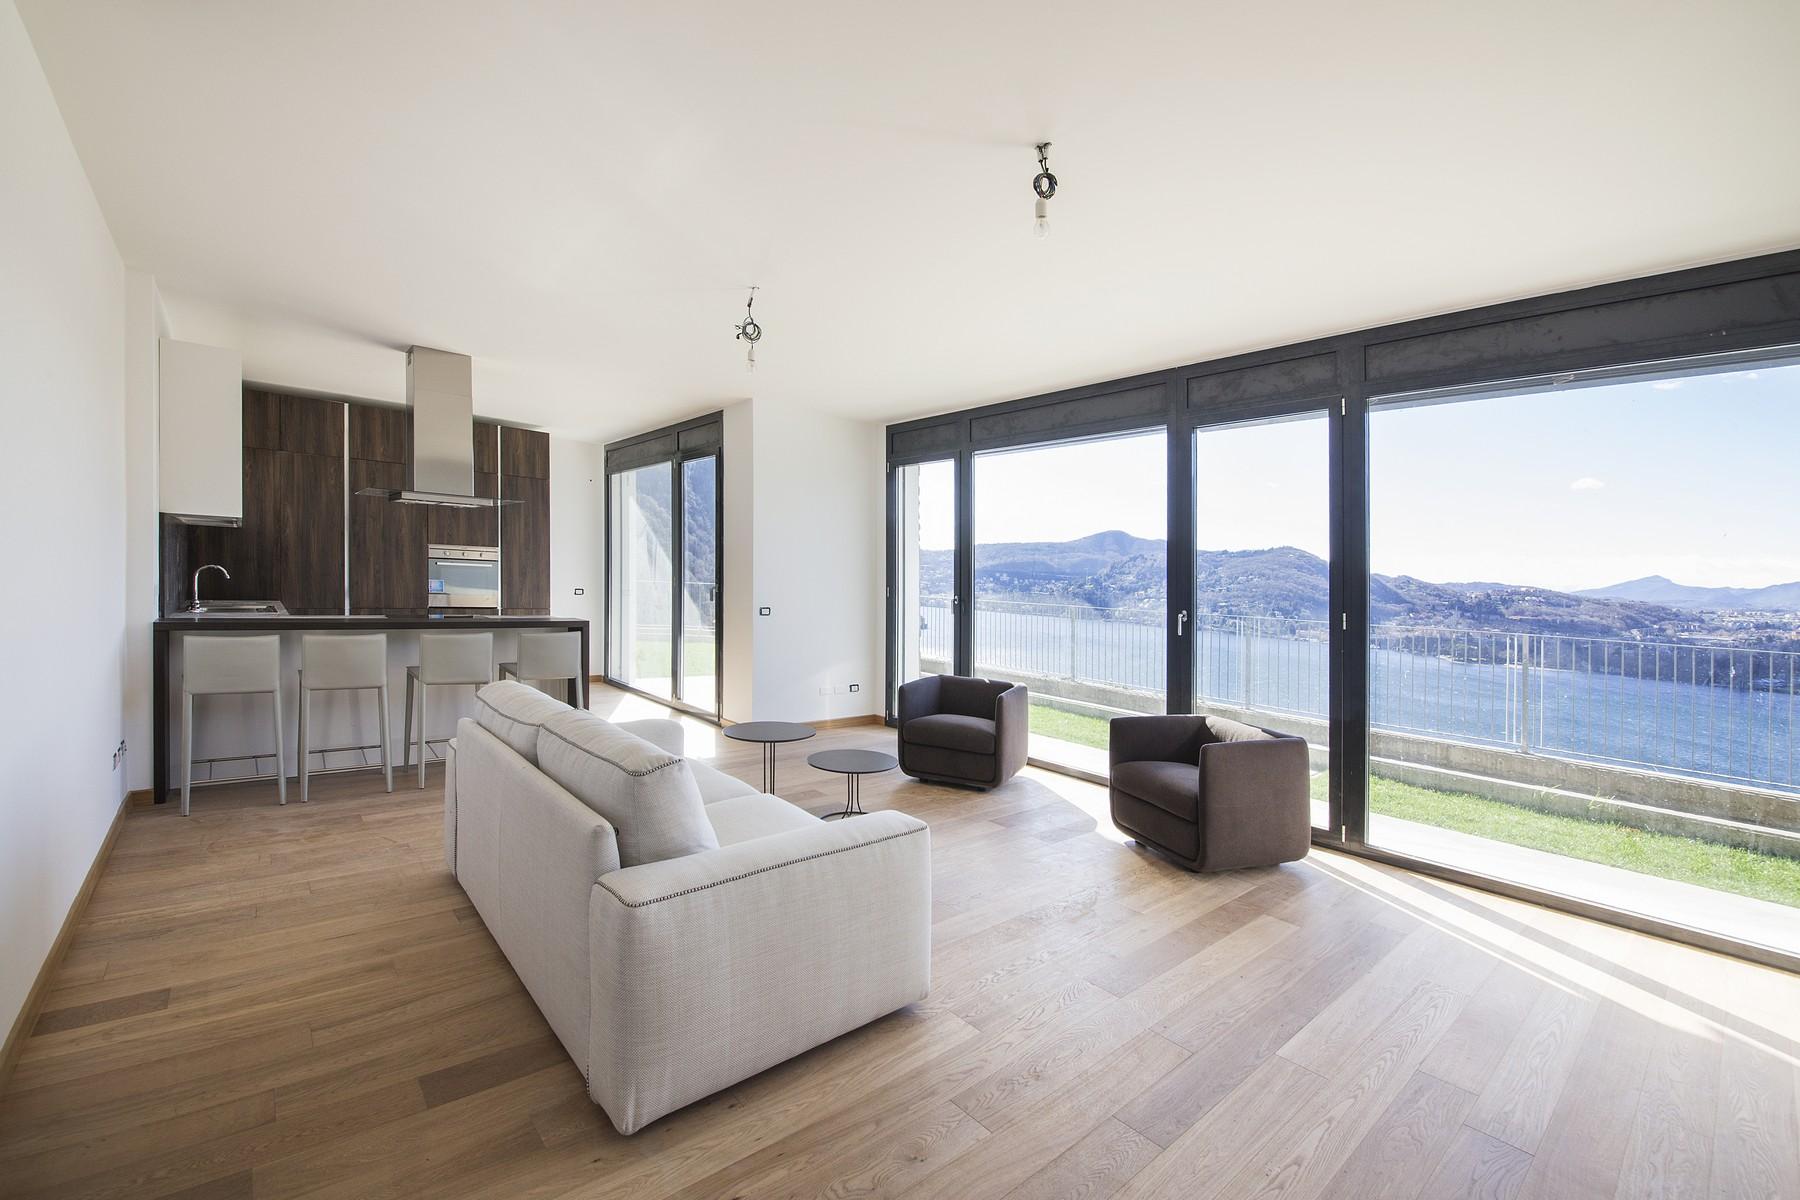 Appartamento modernissimo con giardino privato e vista lago incredibile